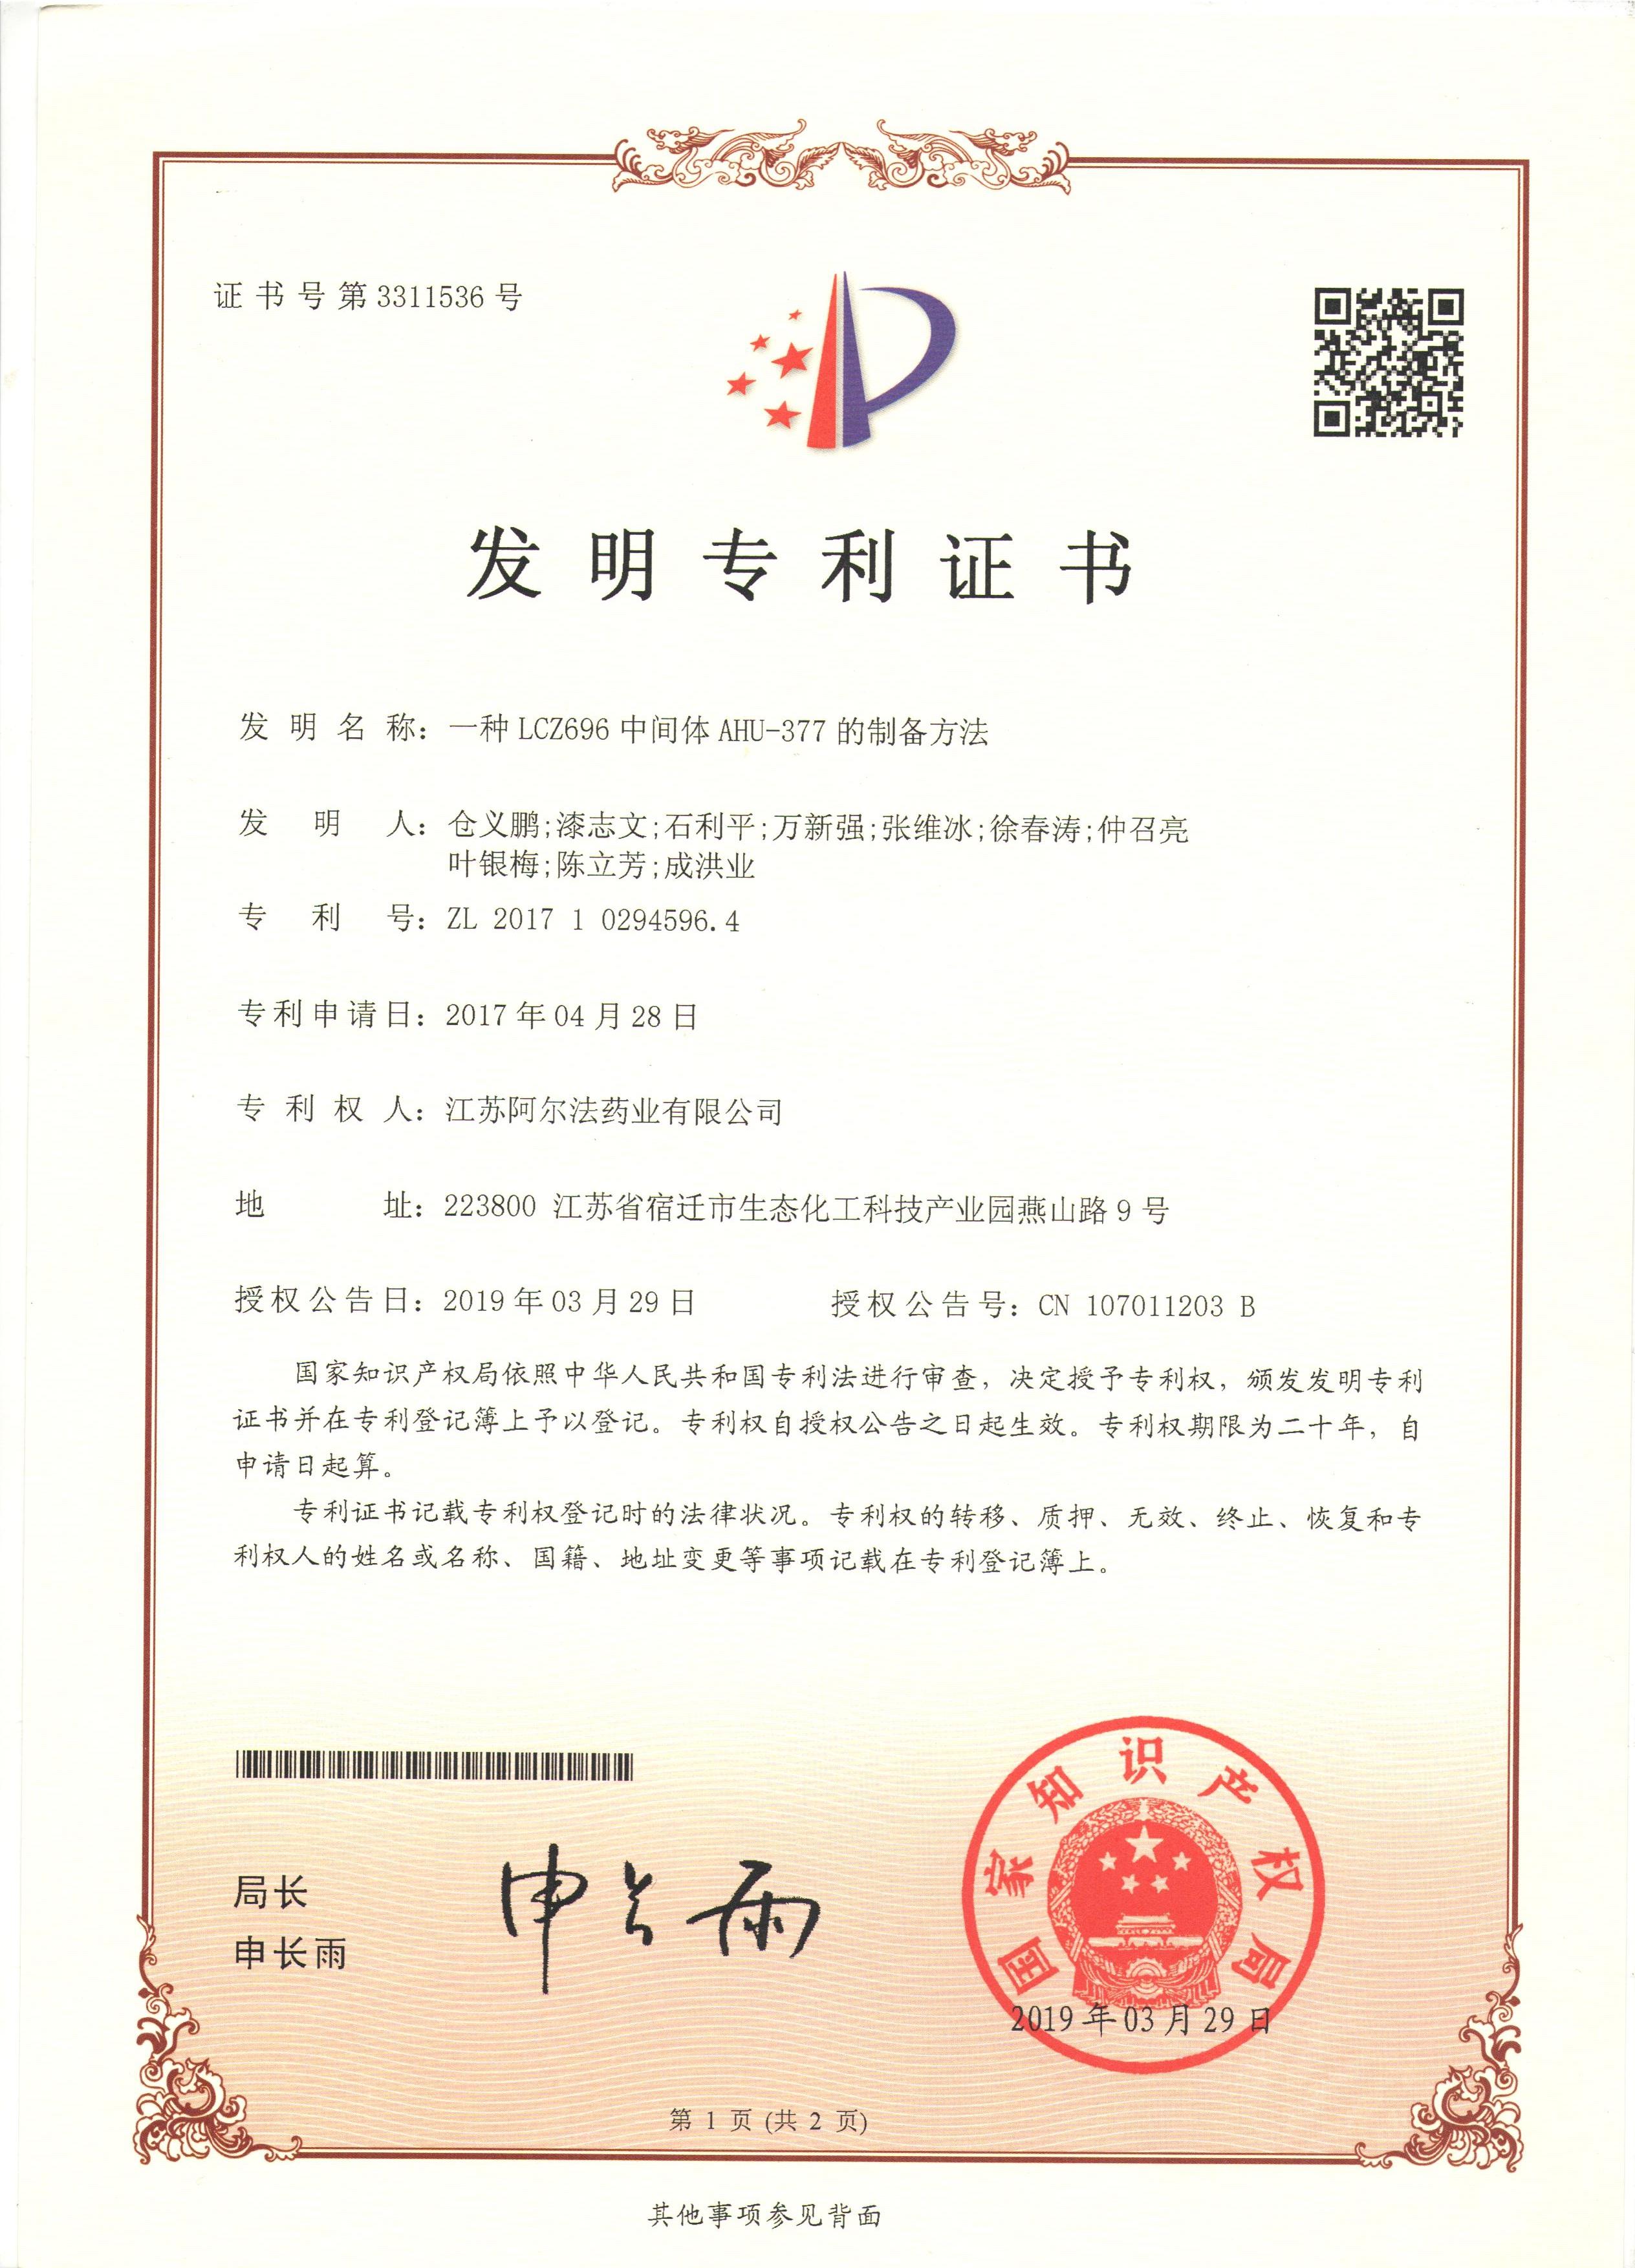 荣誉-专利-25.一种LCZ696中间体AHU-377的制备方法-201710294596.4-1